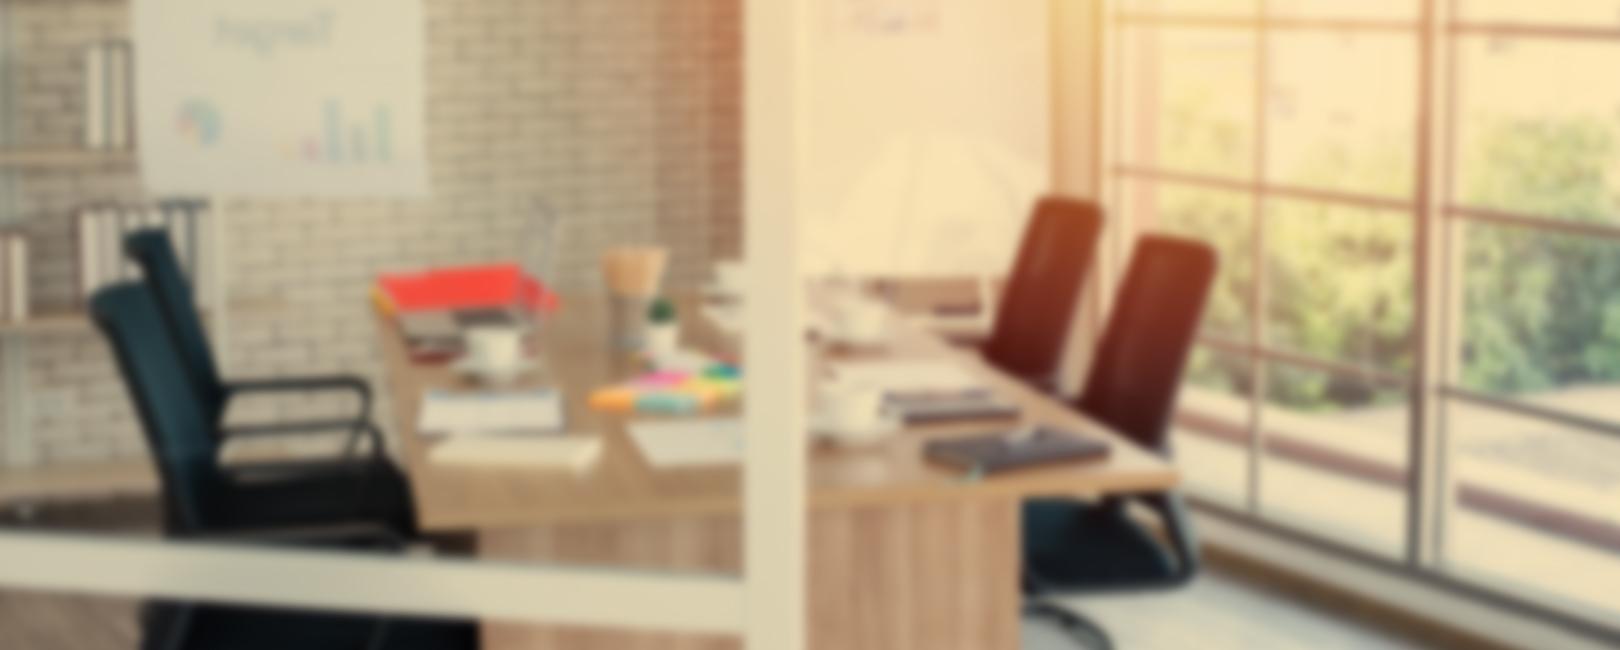 El espacio de trabajo y su impacto en la cultura y en los procesos